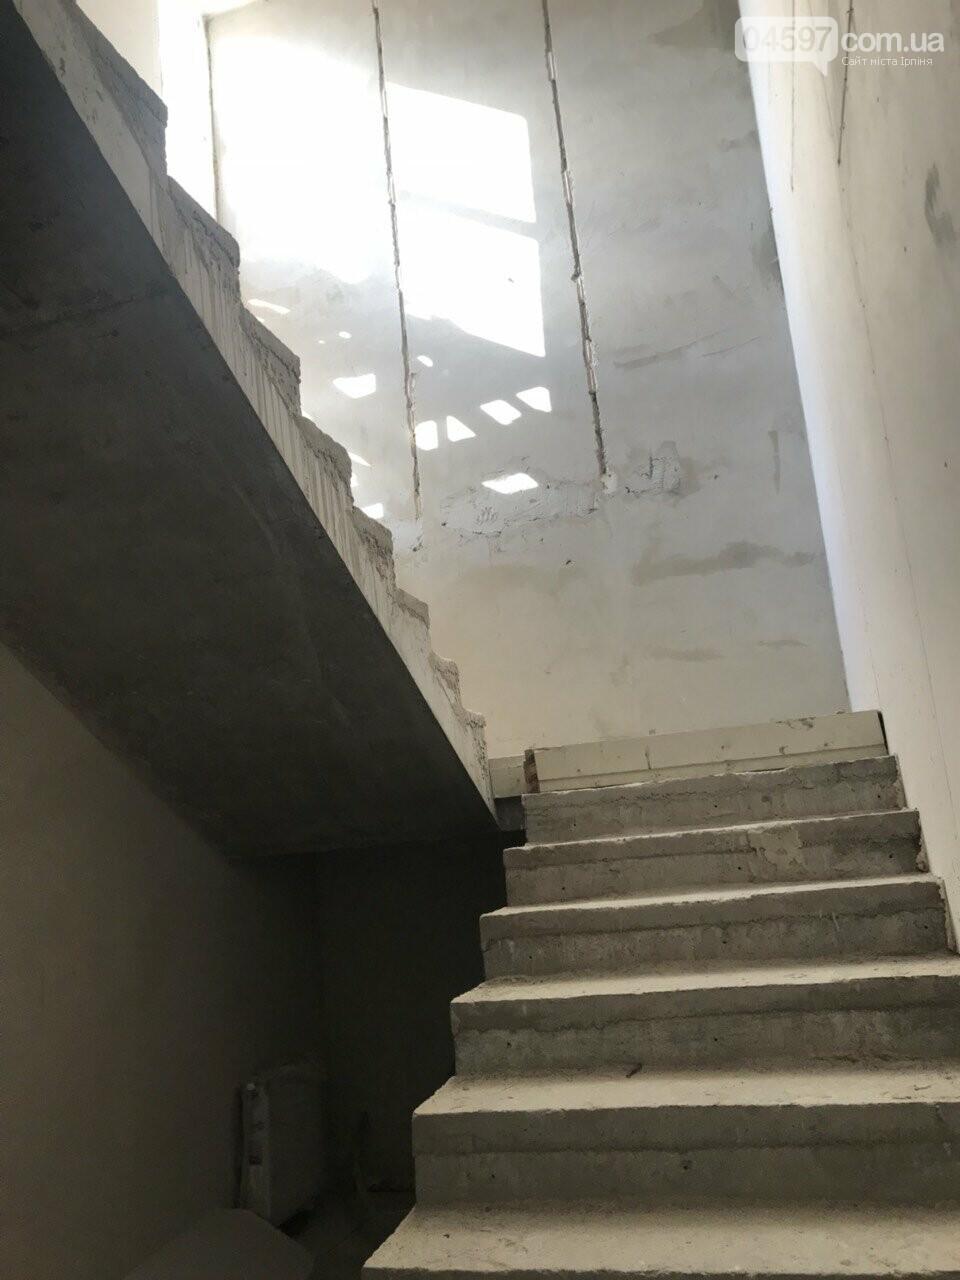 Ірпінь буде звертатися до Горгана і Старикової щодо завершення будівництва дитсадка на Курортній, фото-2